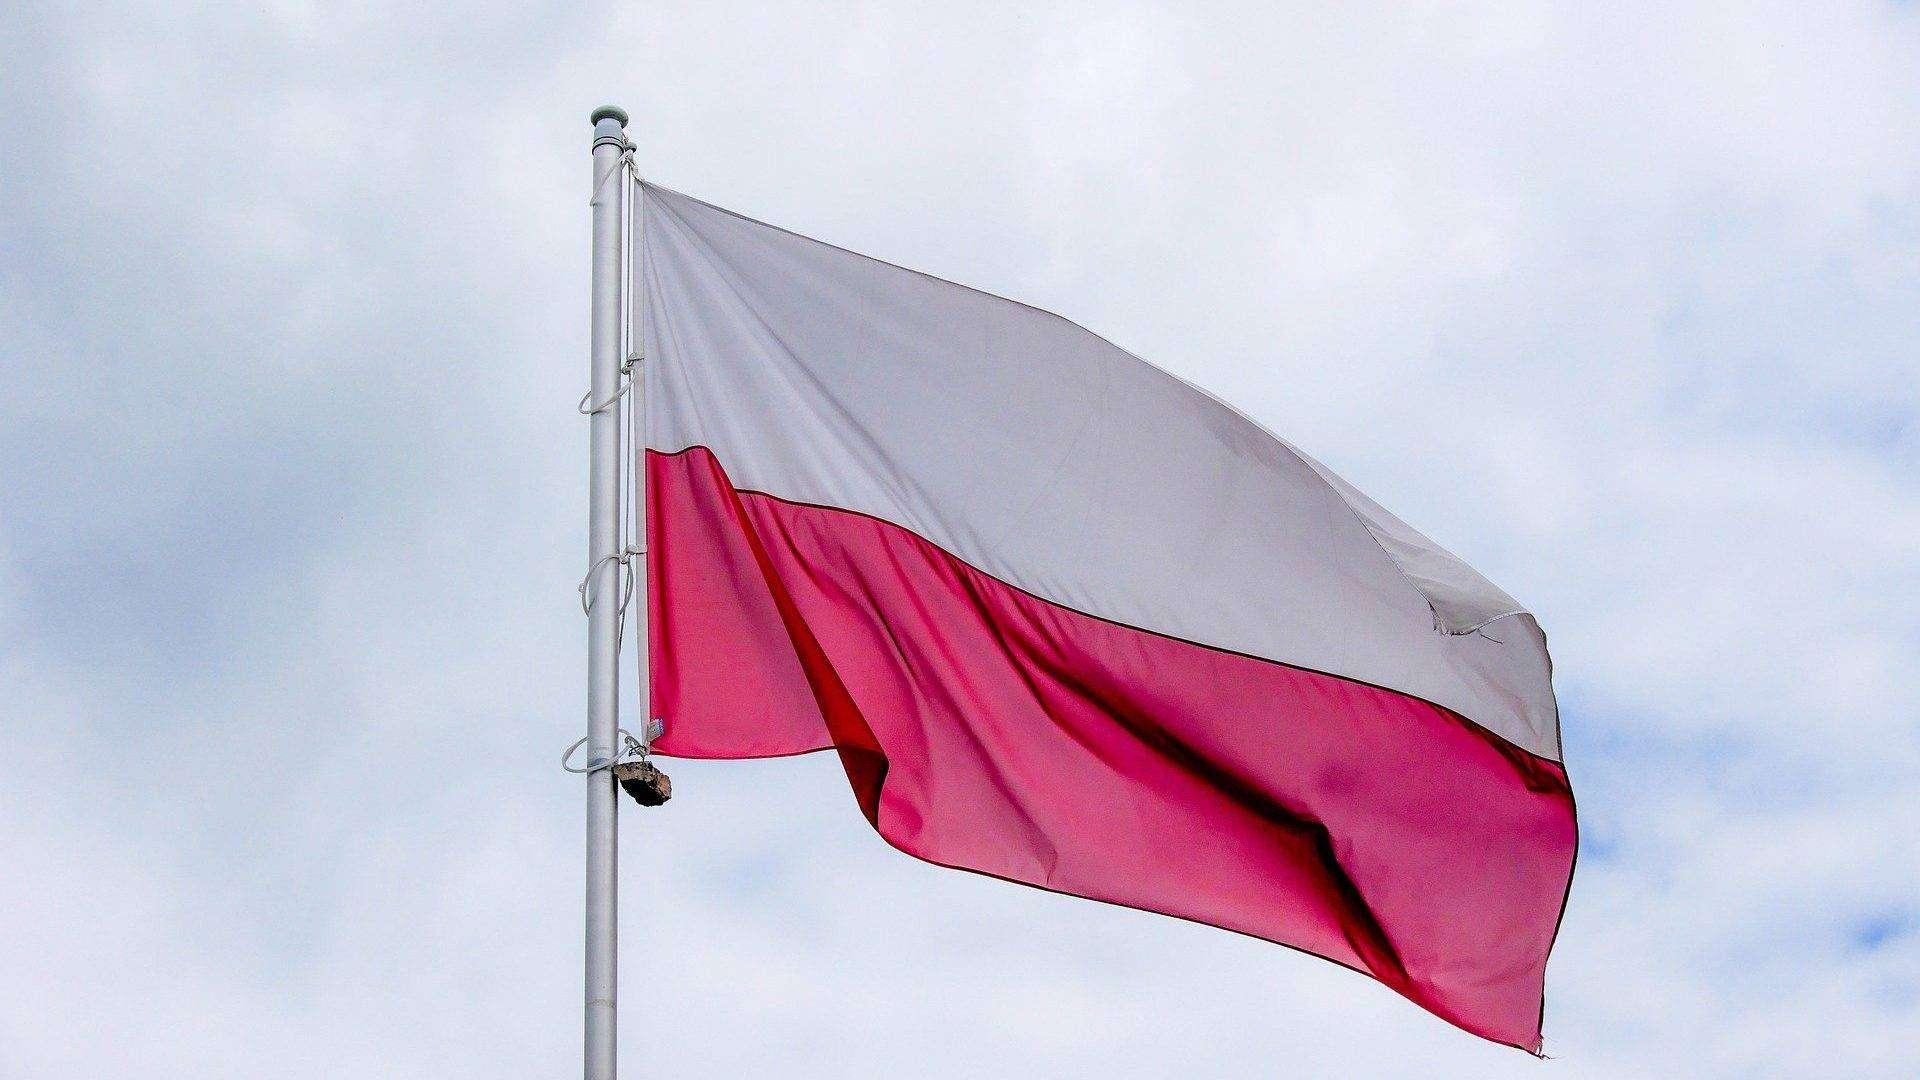 2021-04-27 flaga Polski (fot. pixabay)